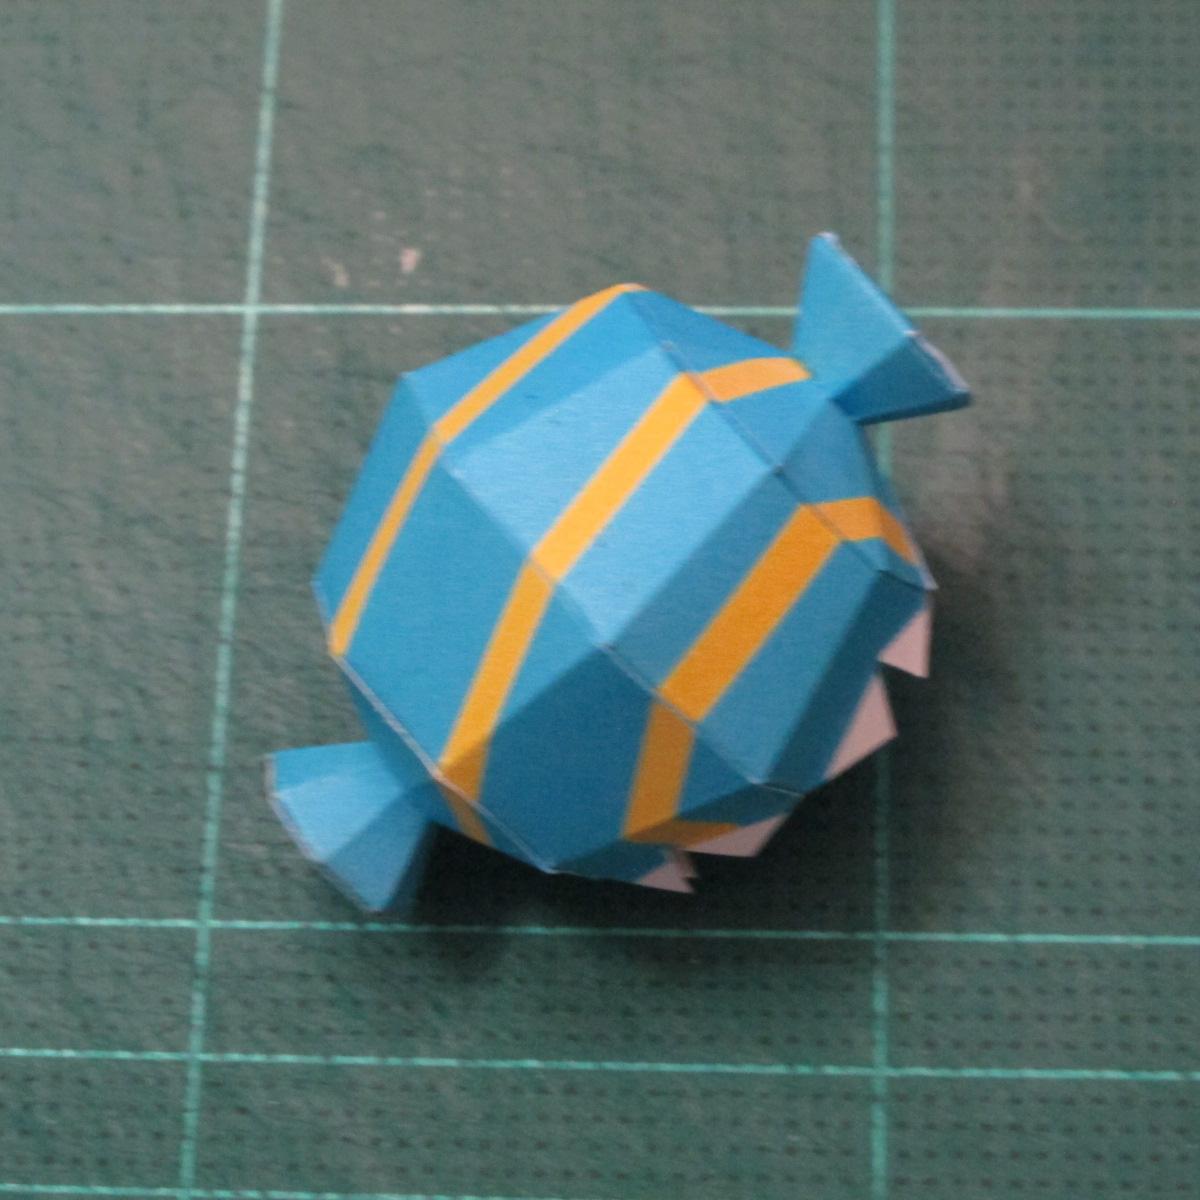 วิธีทำโมเดลกระดาษของเล่นคุกกี้รัน คุกกี้รสพ่อมด (Cookie Run Wizard Cookie Papercraft Model) 024